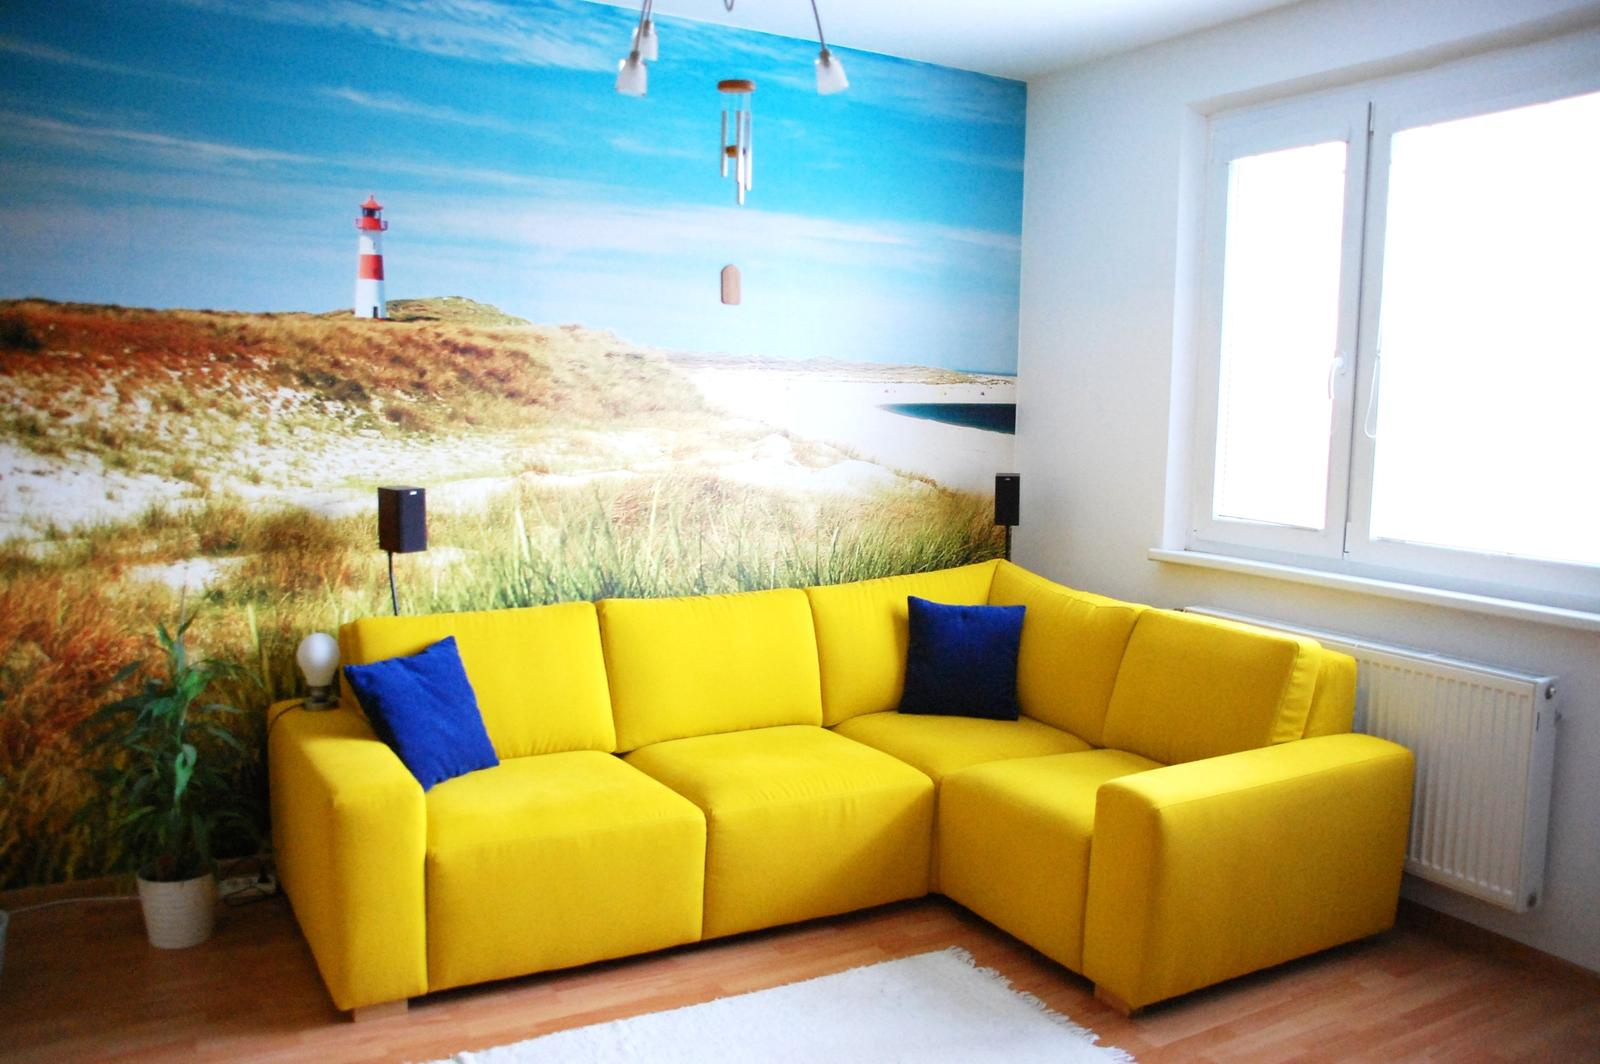 Obývačka bude - lážo plážo relax :-) - Tak konecne lepsie foto :-)... ten luster hore si nevsimat, aj ten pojde prec :-P.... Rozmery sedacky: 2,5x1,7m,  sedacka Eden, www.nesia.sk